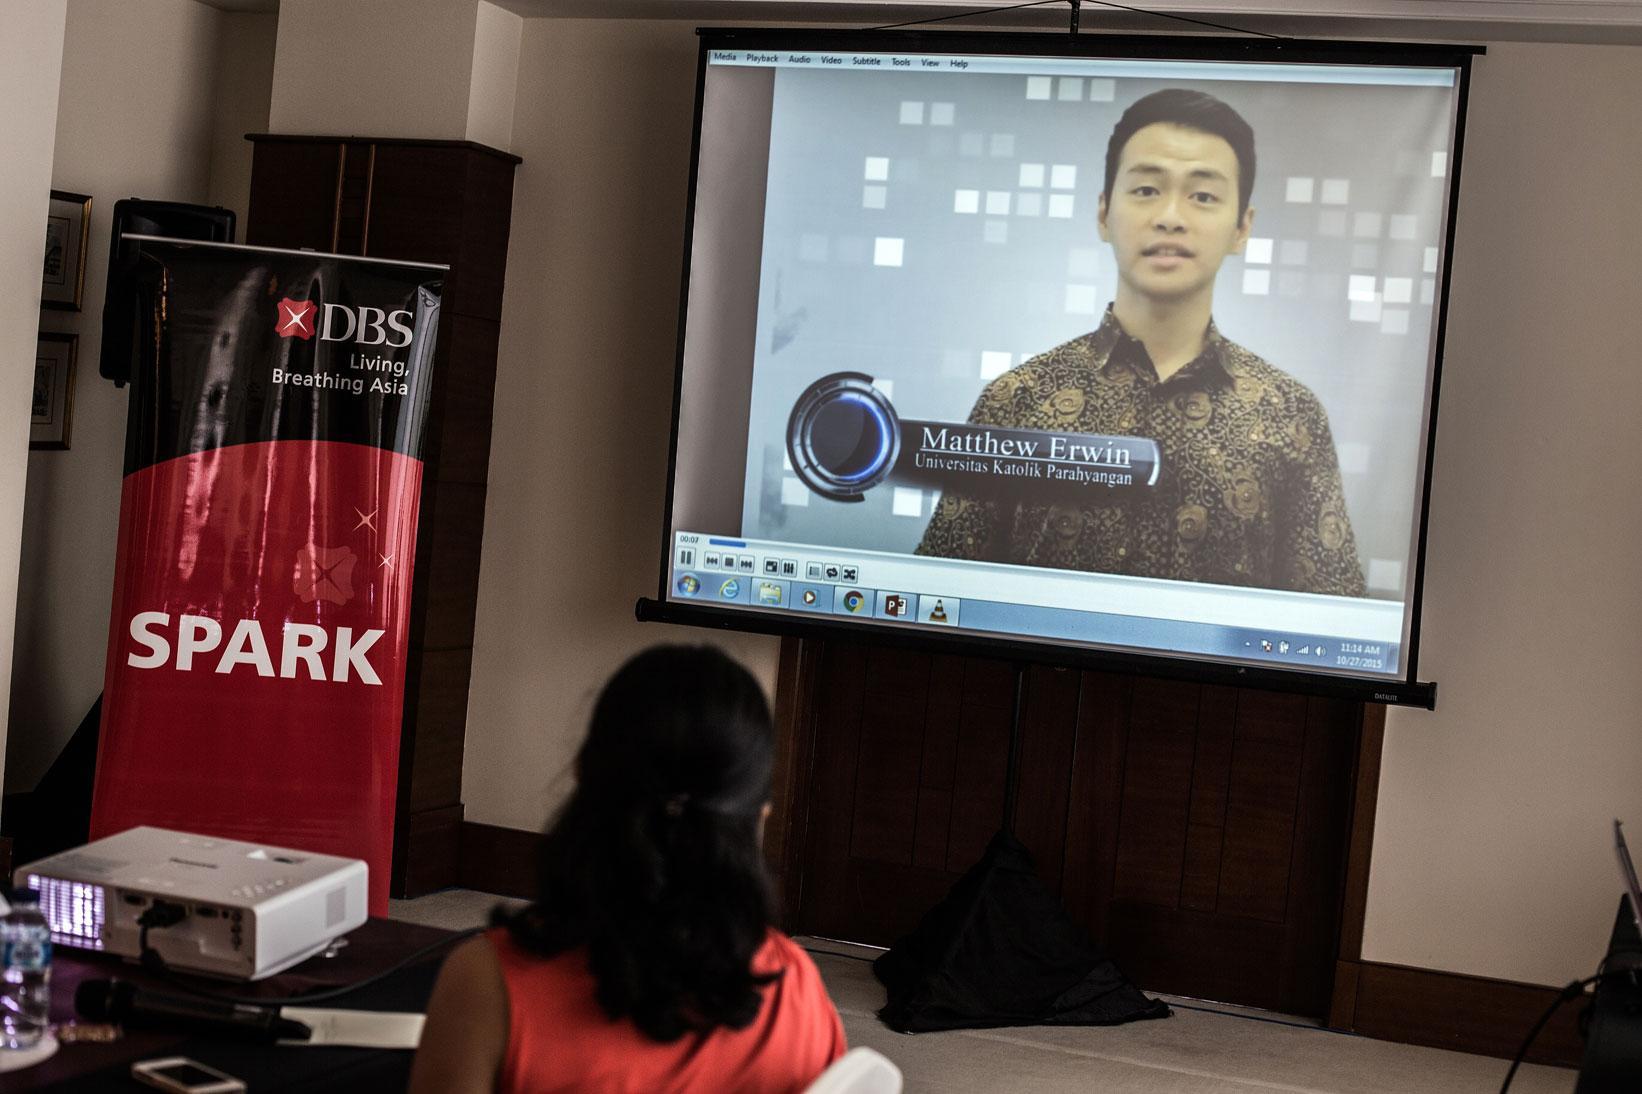 Salah satu video peserta lomba kompetisi DBS Young Economist Stand Up bagi mahasiswa tingkat Sarjana (S1) kerjasama antara Bank DBS dengan Katadata di Jakarta, Selasa (27/10). Kompetisi DBS Young Economist Stand Up terbuka bagi mahasiswa seluruh Indonesia yang memiliki opini, pandangan, dan solusi tentang perekonomian Indonesia maupun Asia.